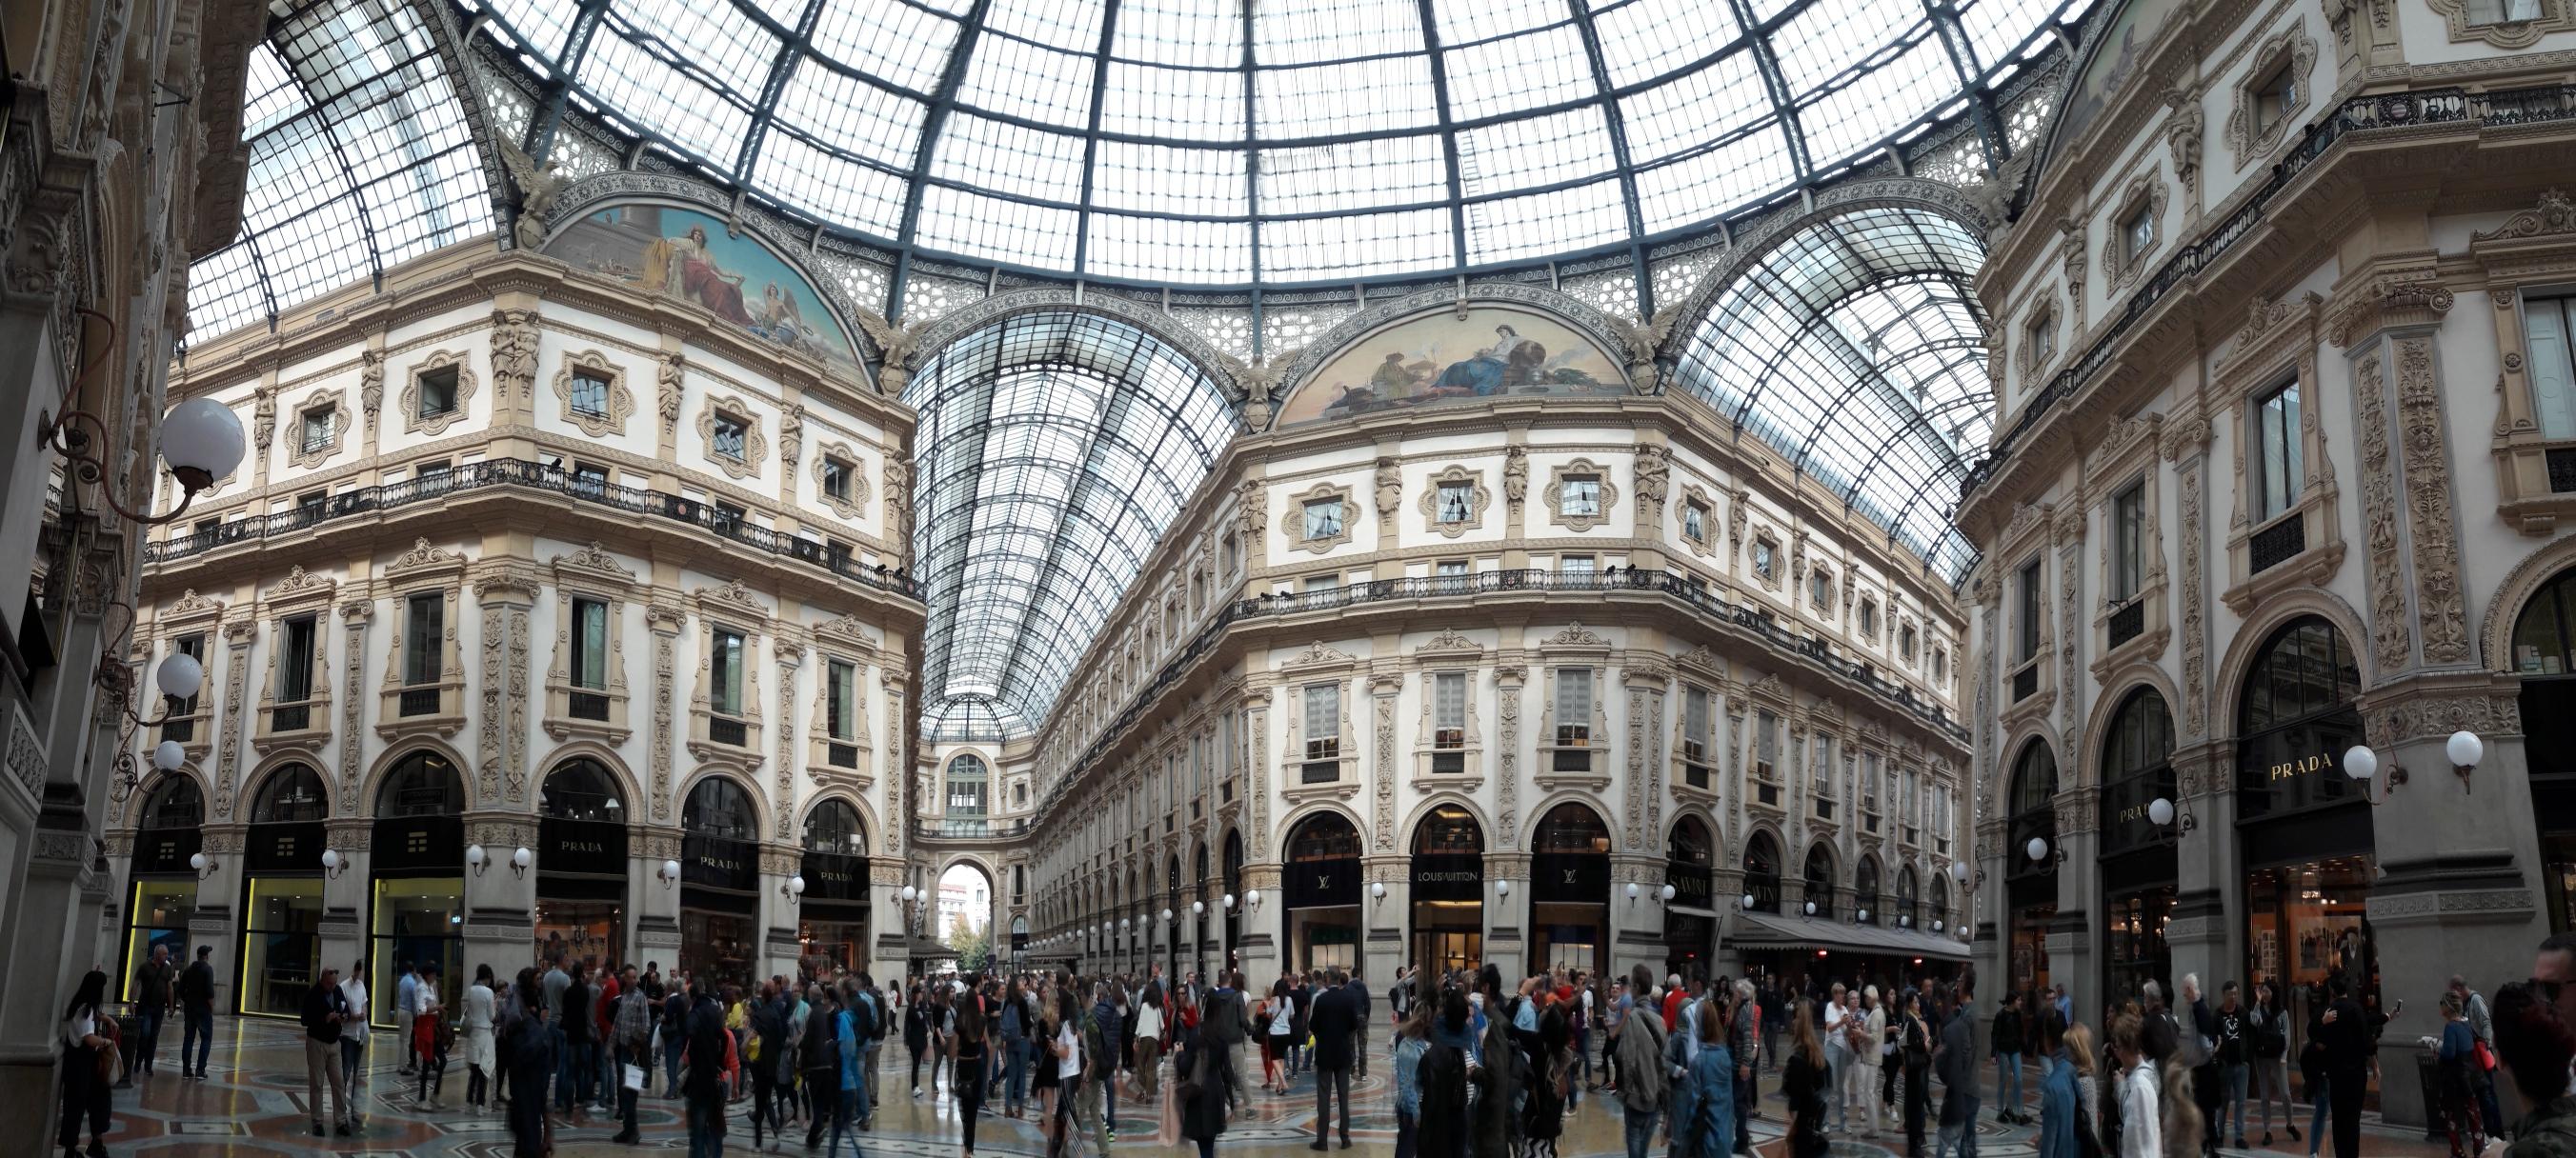 Milano - Galleria Vittorio Emanuele II Interior panorama - 29 Sep 2017.jpg